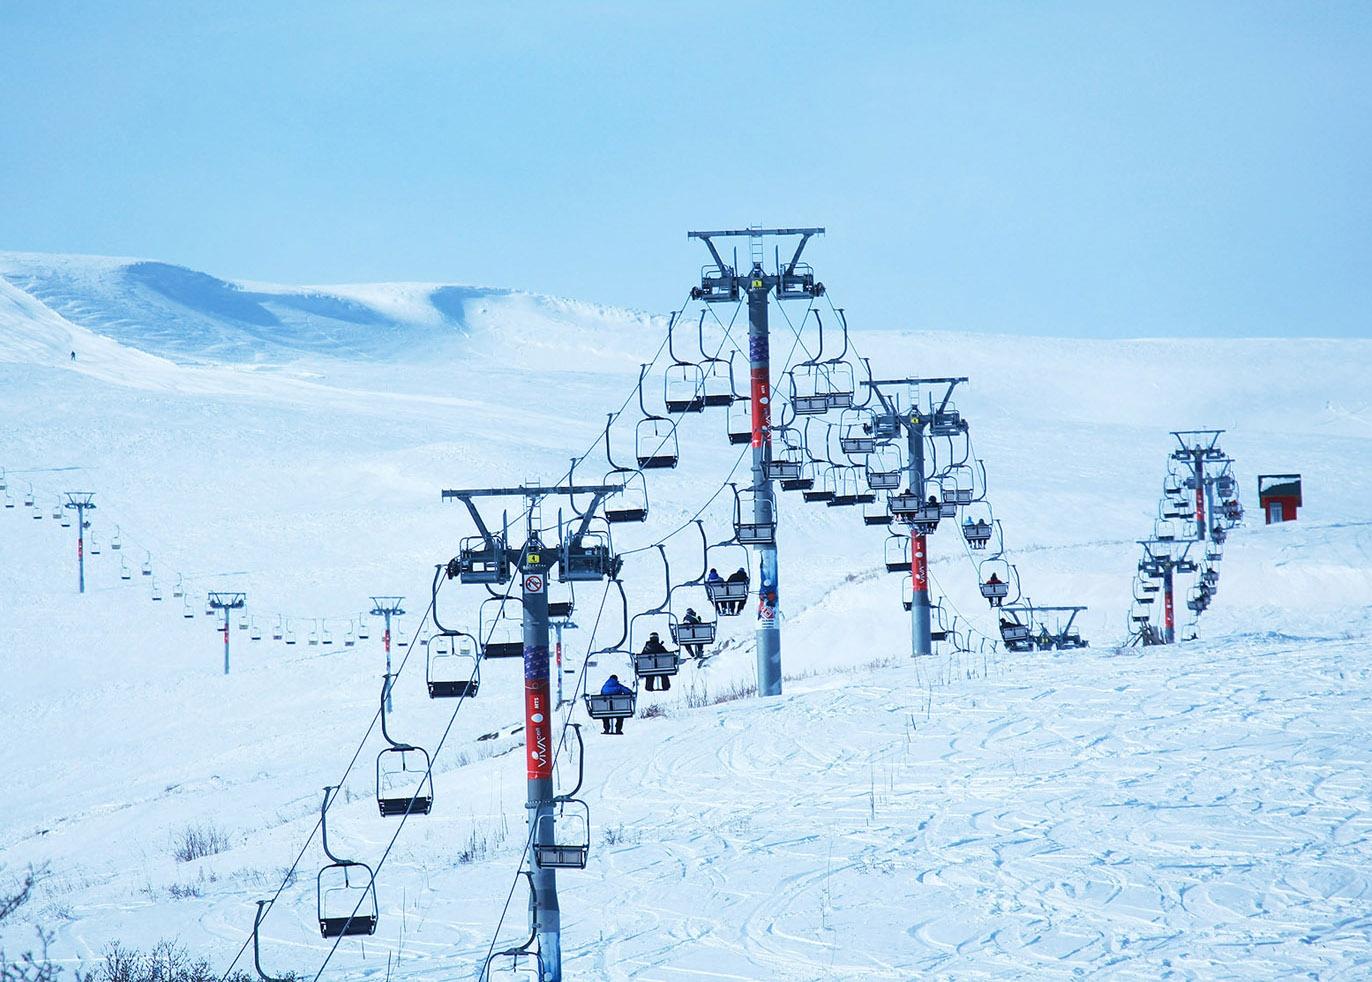 Французская компания вложат деньги в горнолыжный курорт в Армении